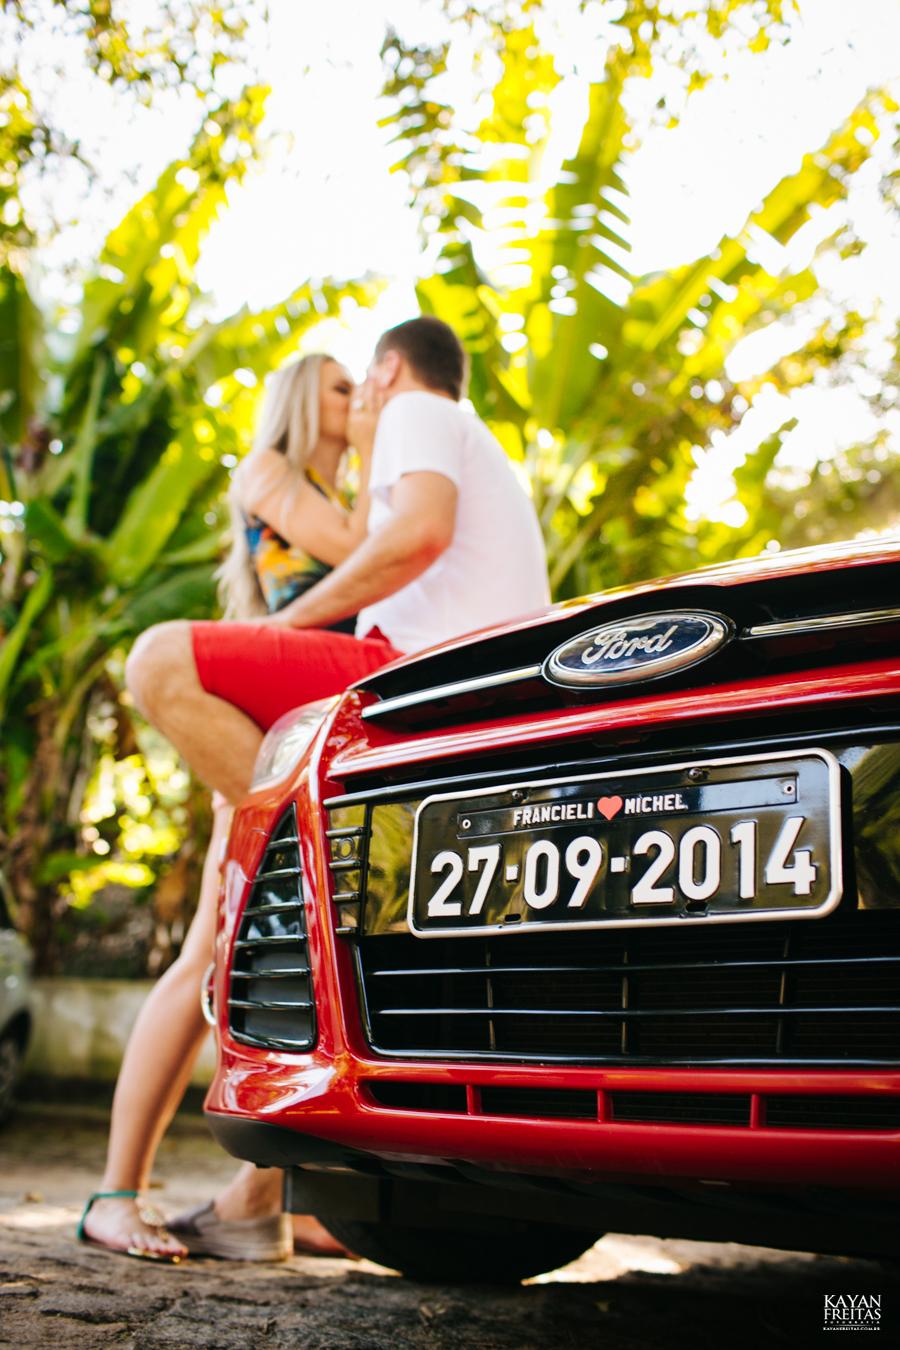 precasamento-floripa-michel-fran-0021 Francieli + Michel - Sessão Pré Casamento em Florianópolis